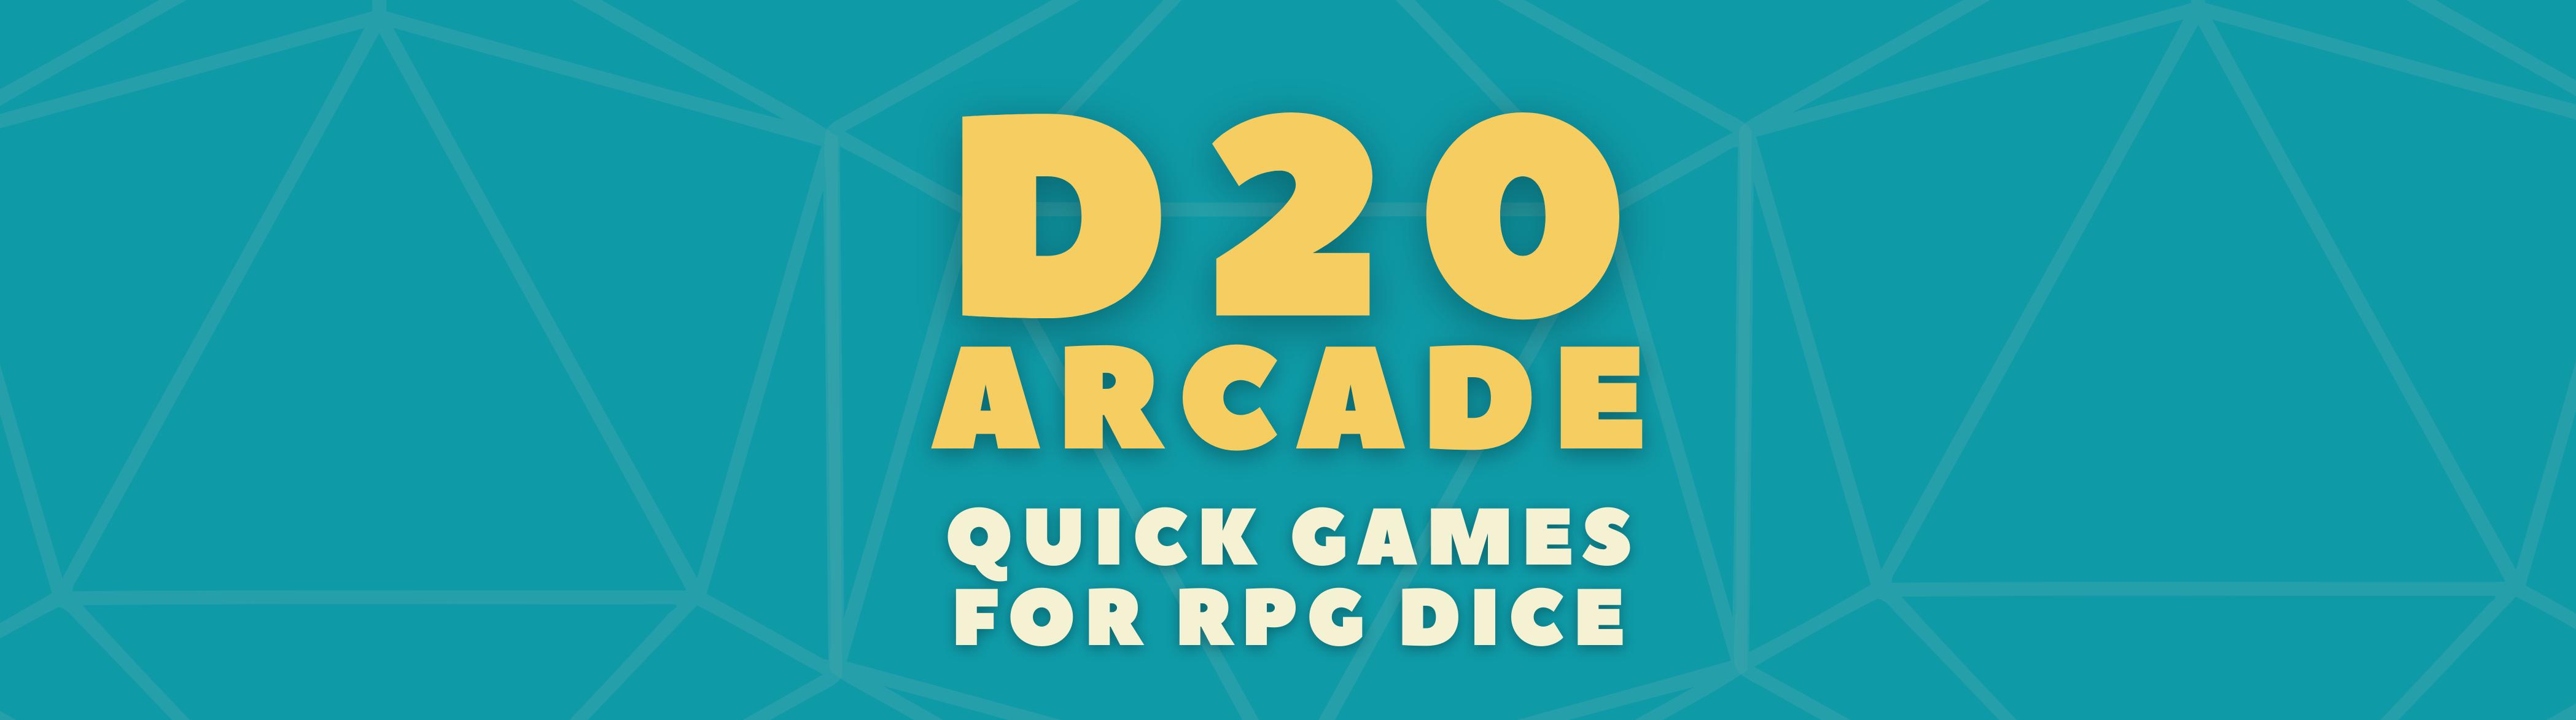 D20 Arcade - Six Games